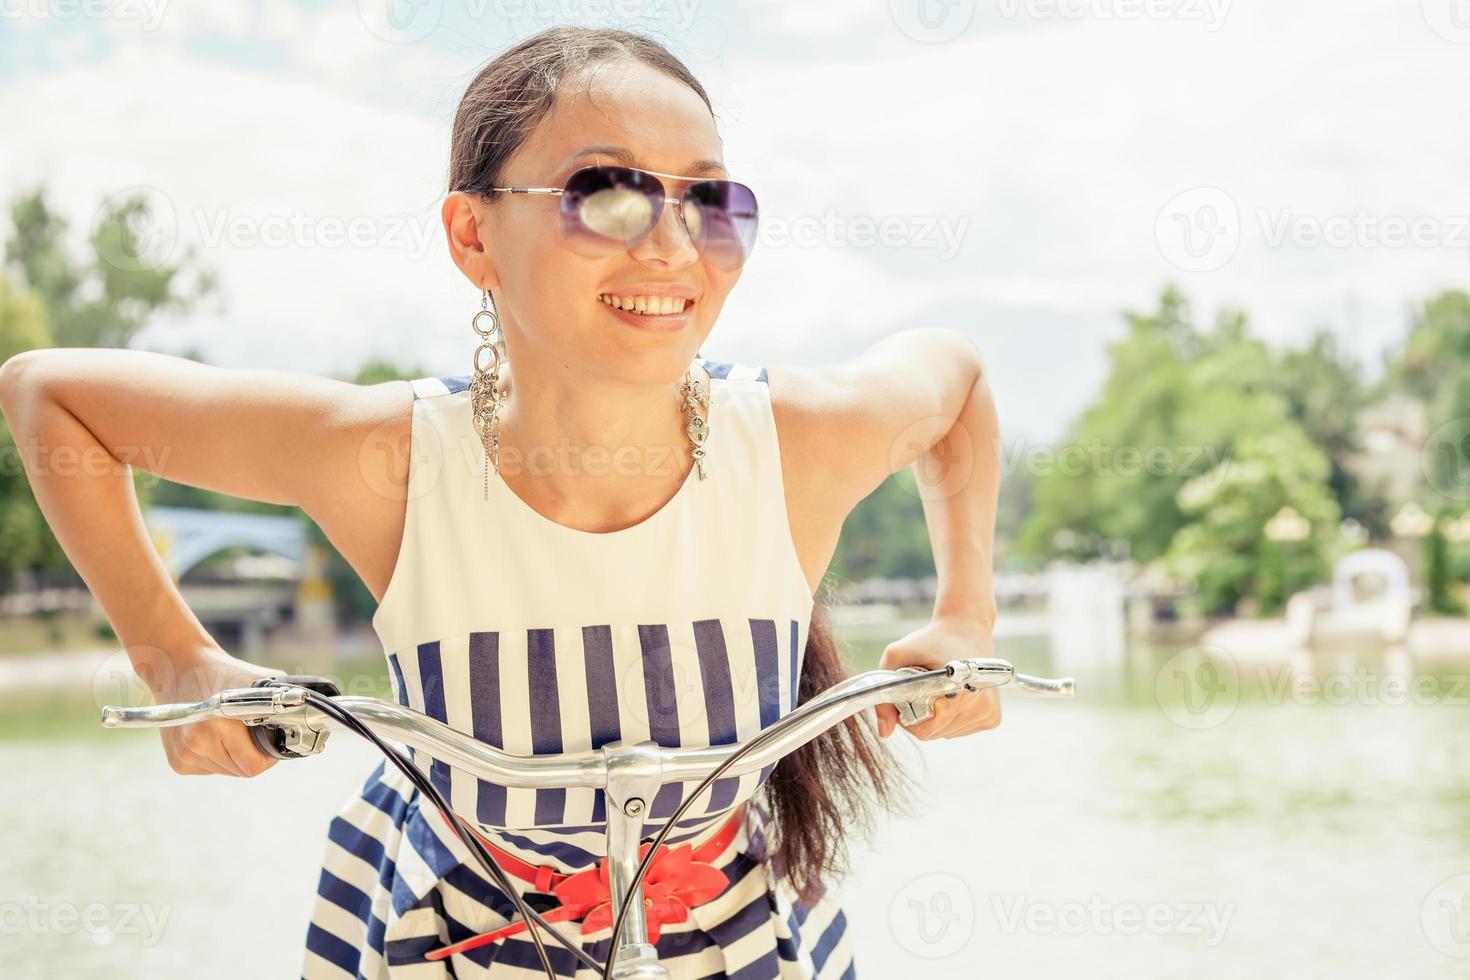 delizia e divertimento donna asiatica viaggio a Parigi in bicicletta foto